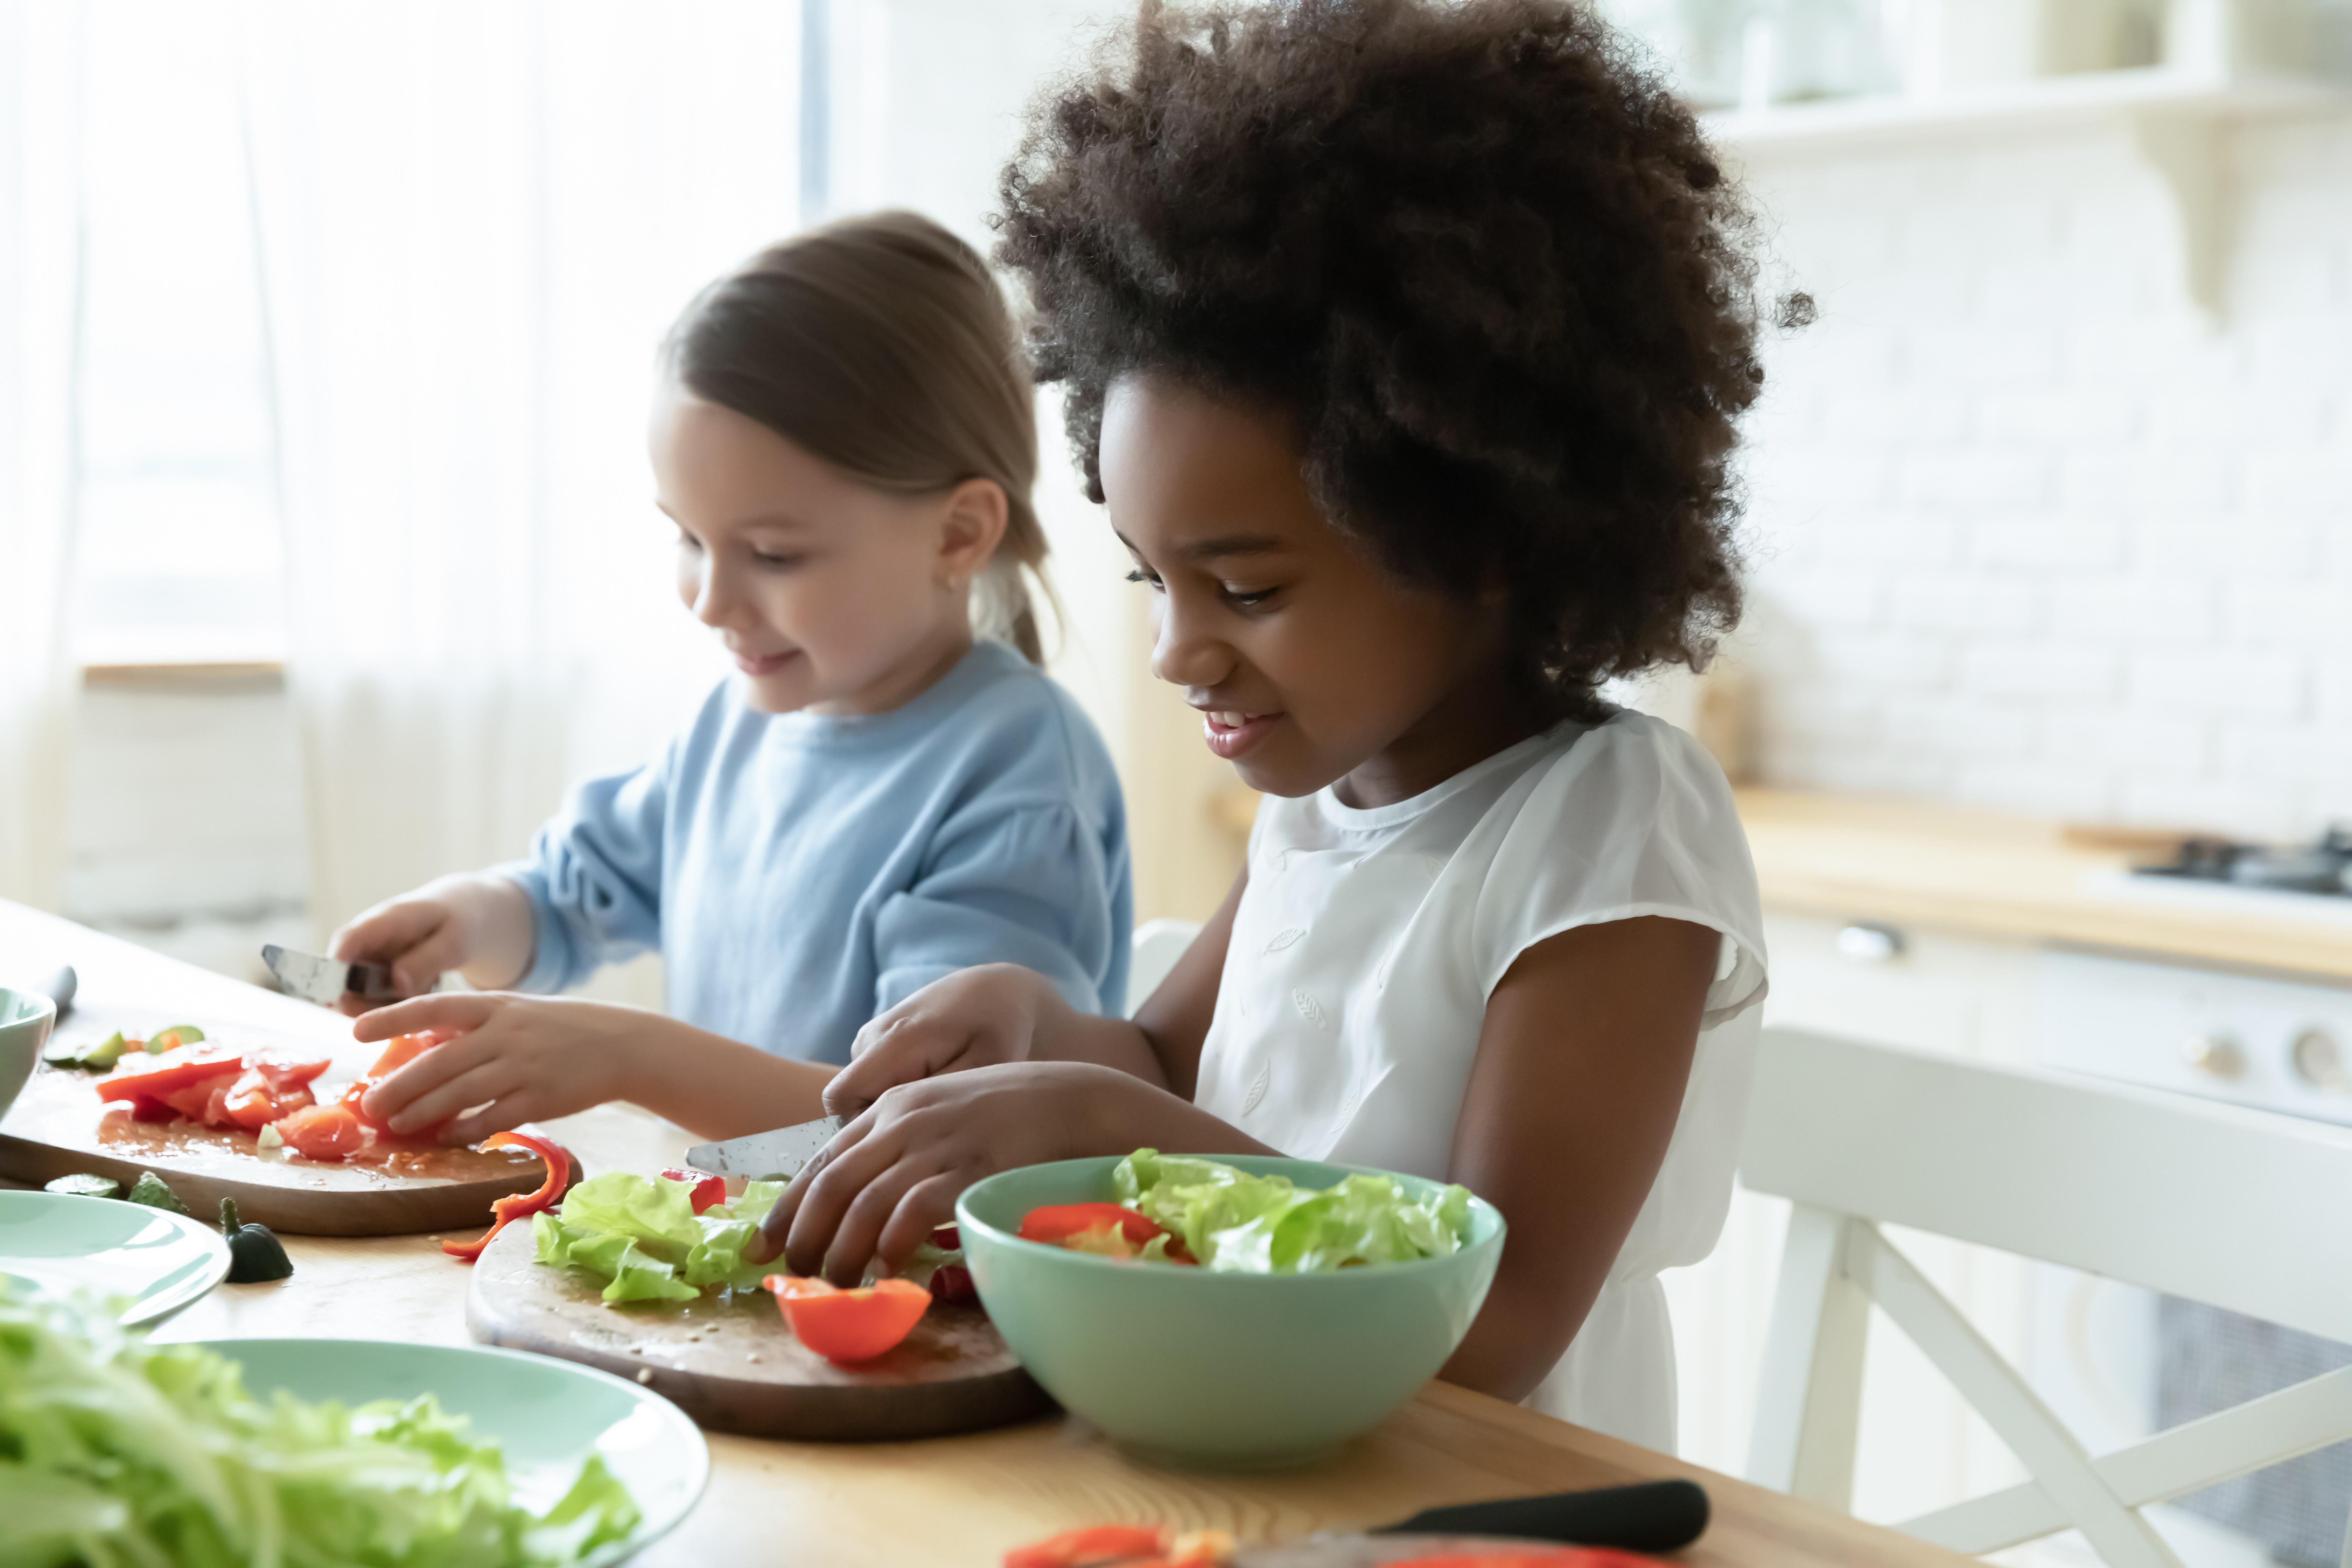 La fonction de mastication contrôlée par le tronc cérébral et influencée par la zone corticale masticatoire (CMA) est stimulée par les stimuli sensoriels que sont les « entrées alimentaires » (Visuel Adobe Stock 357702690)